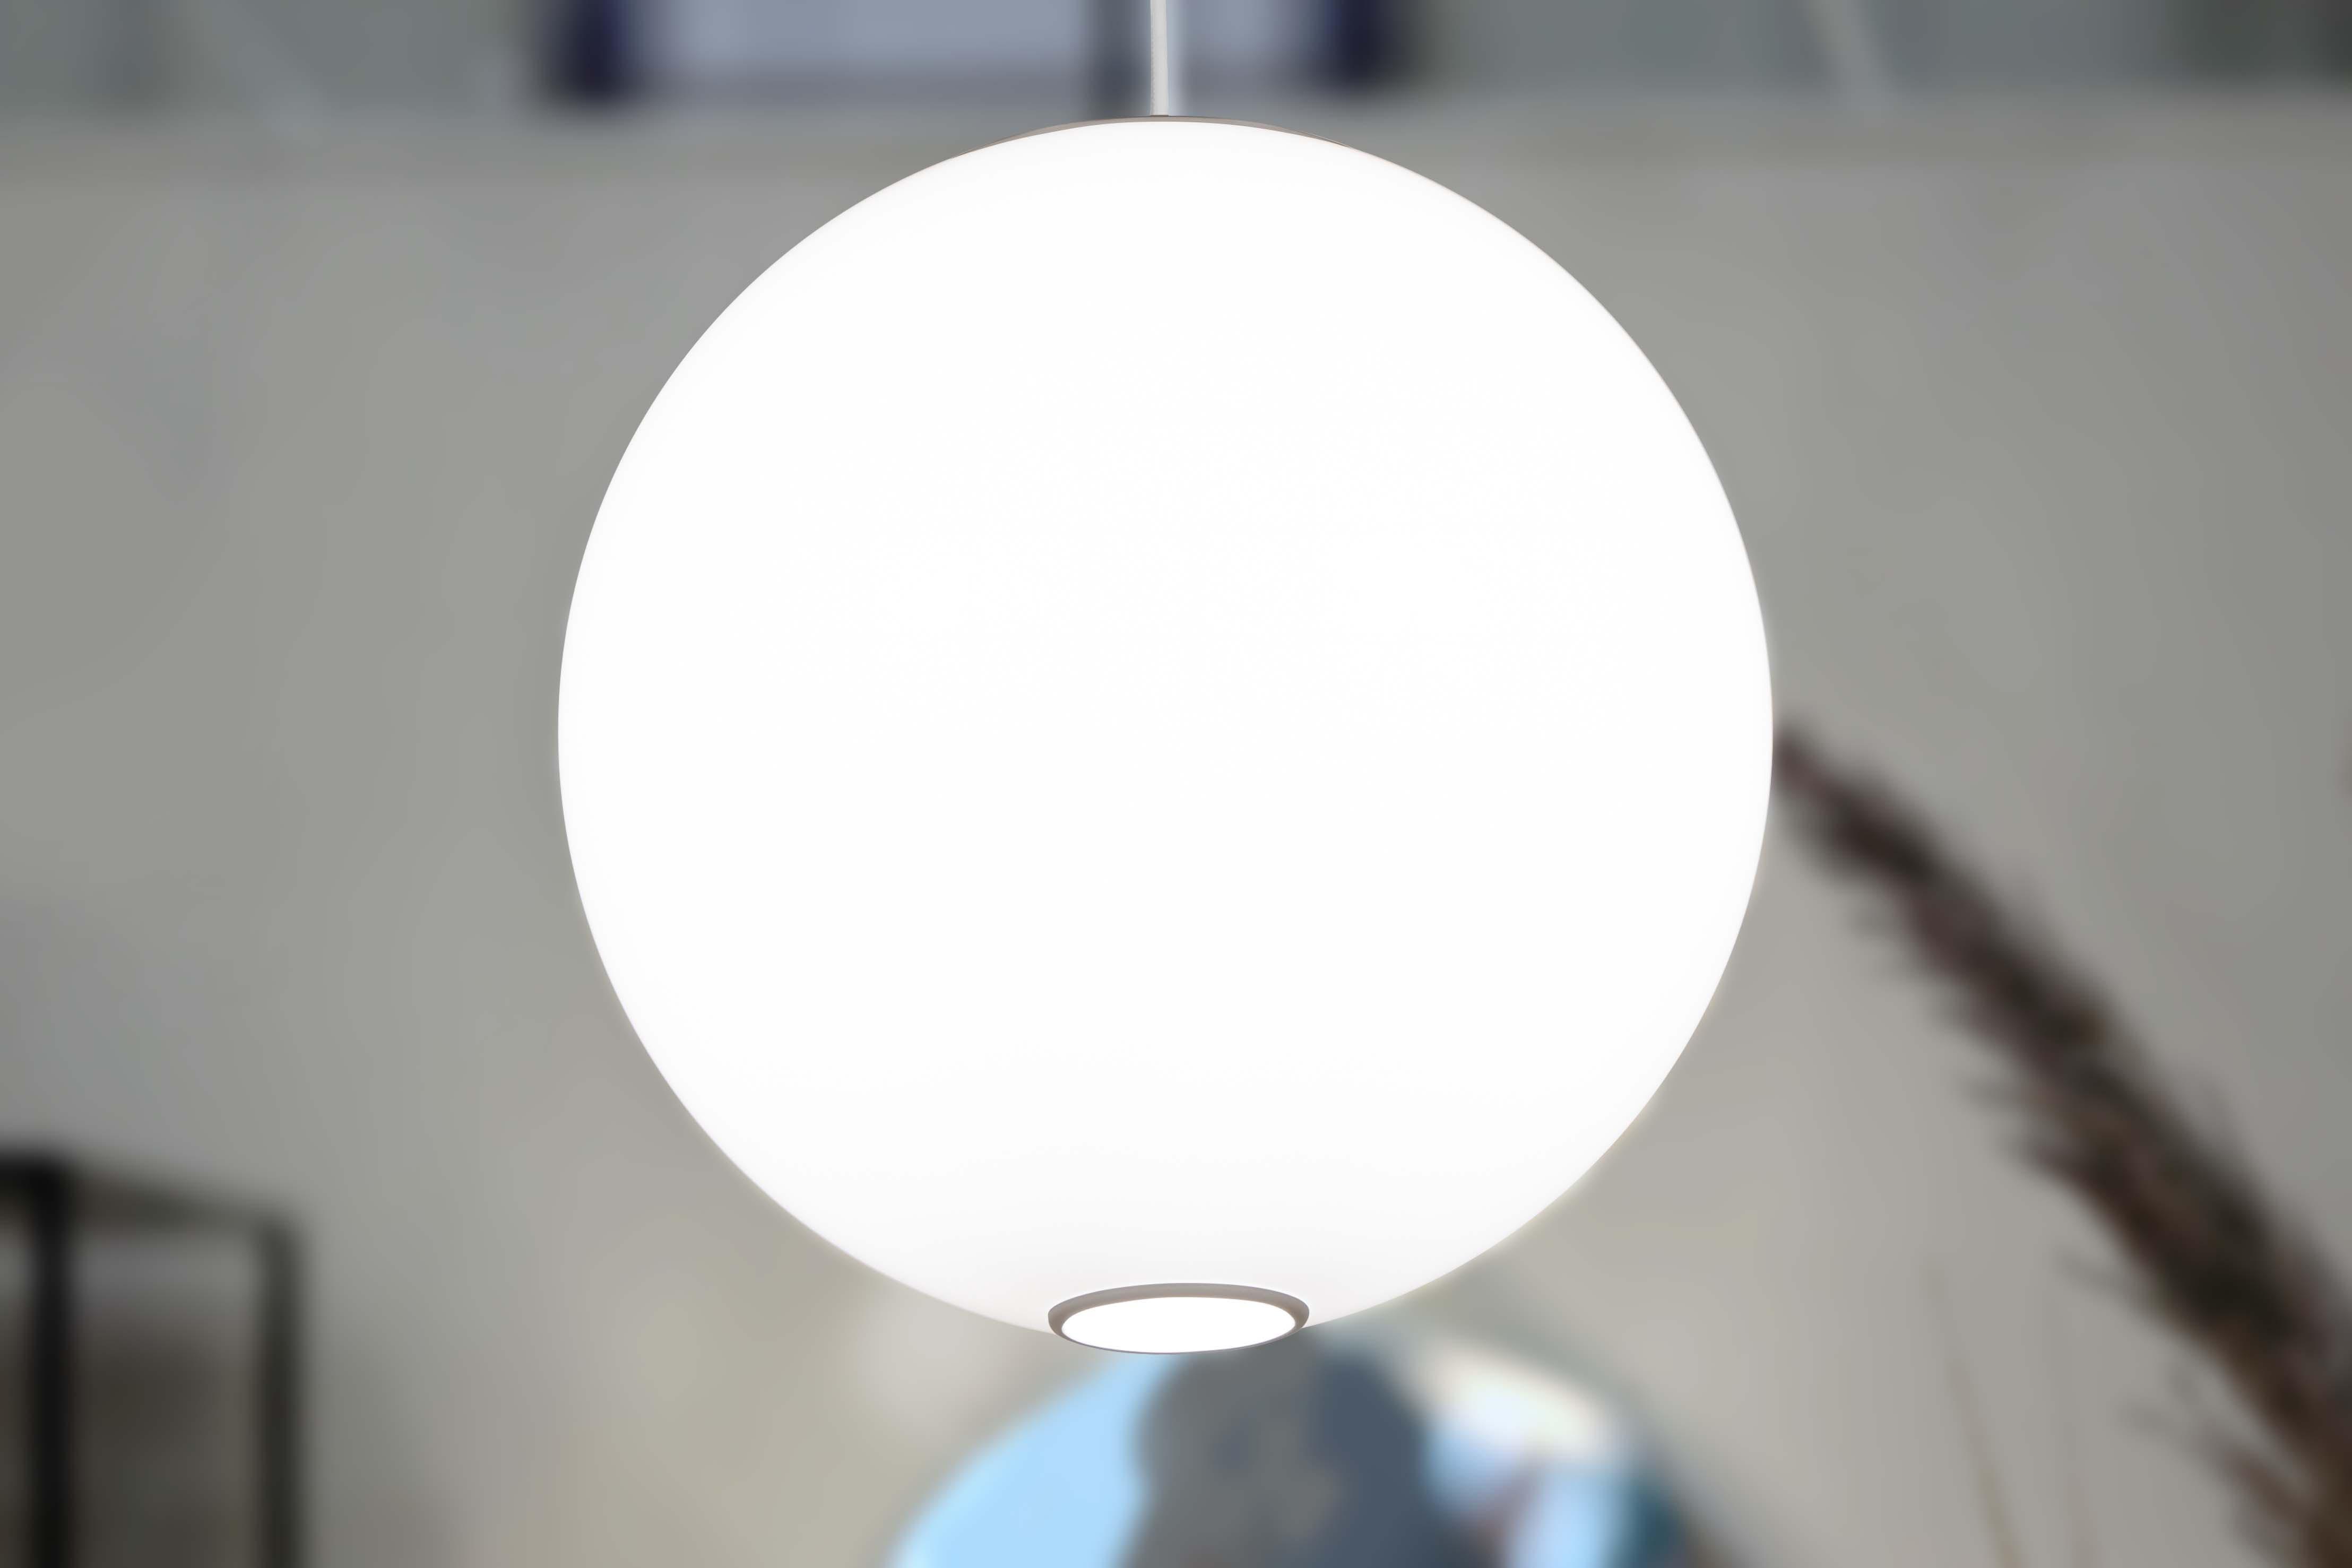 Zume 12in LED globe pendant light made in America by Visa Lighting